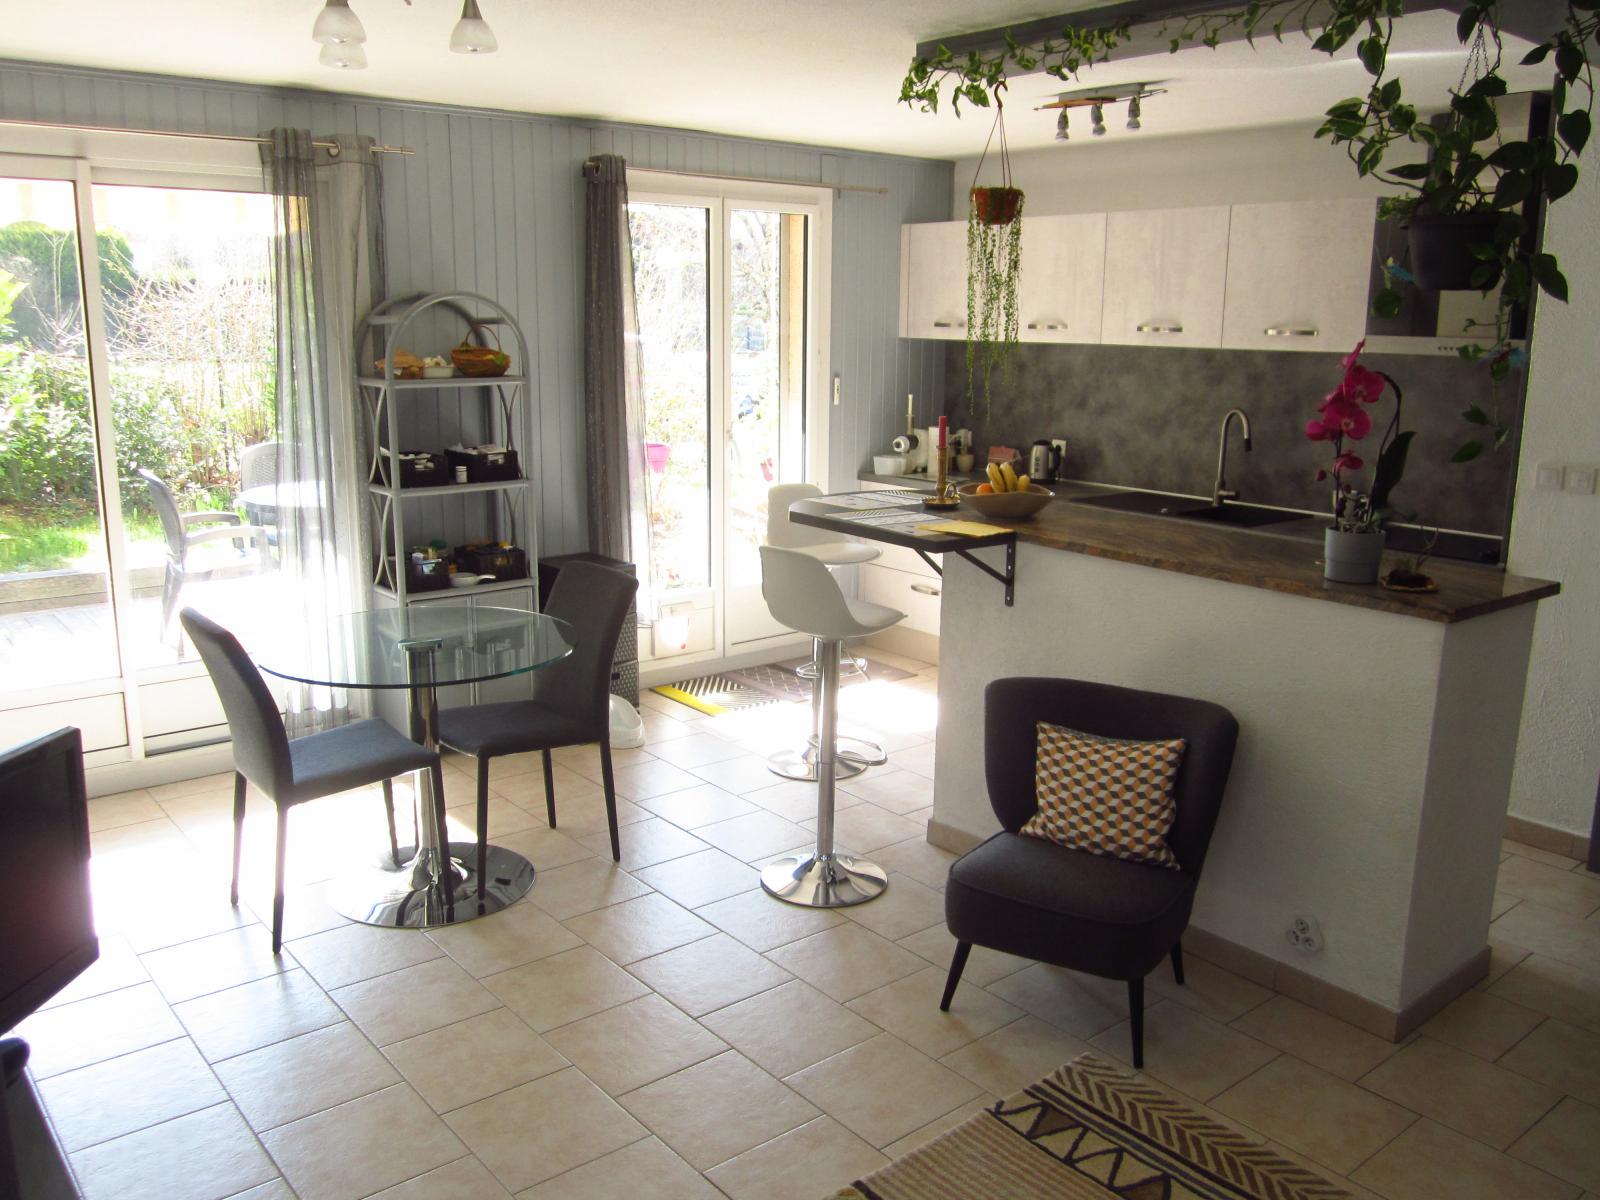 EXCLUSIVITE St Julien-en-Genevois Appartement T2 en Rez-de-Jardin, état impeccable et situation idéale !